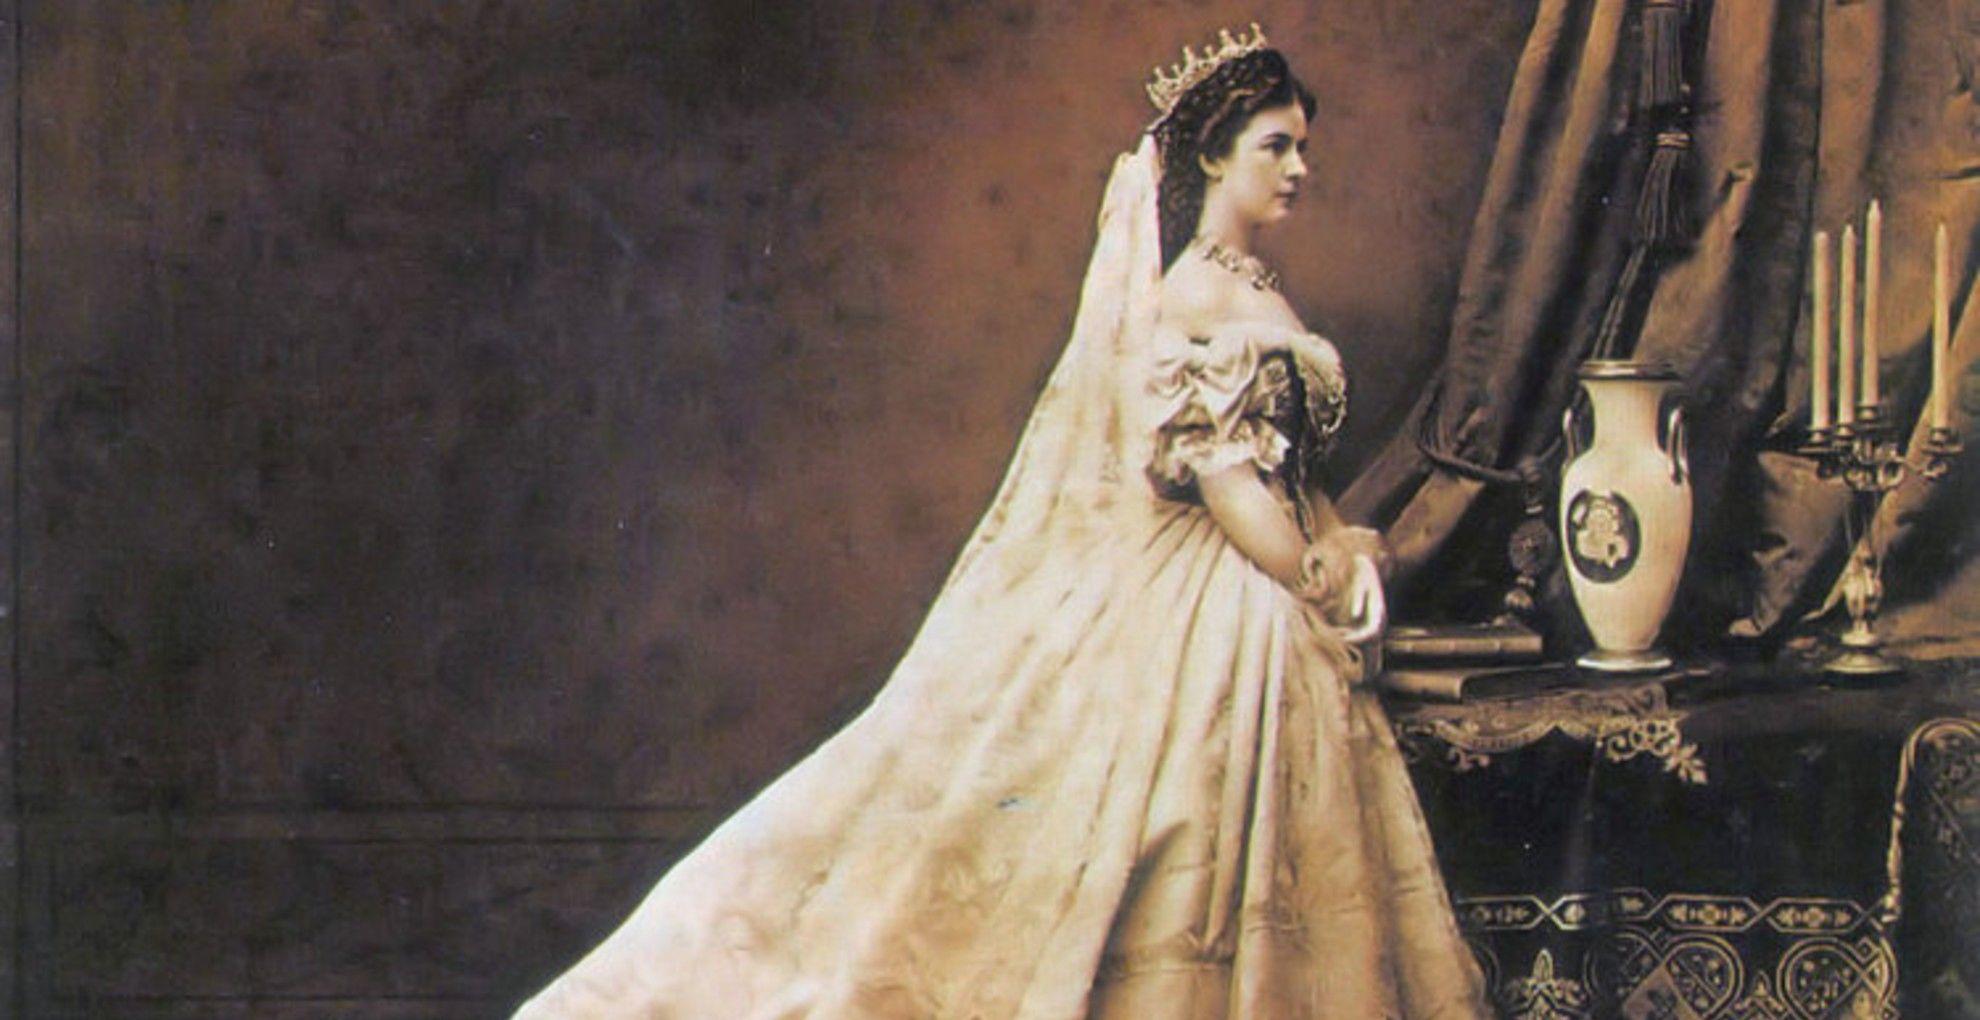 Erzsébet magyar koronázási öltözékében